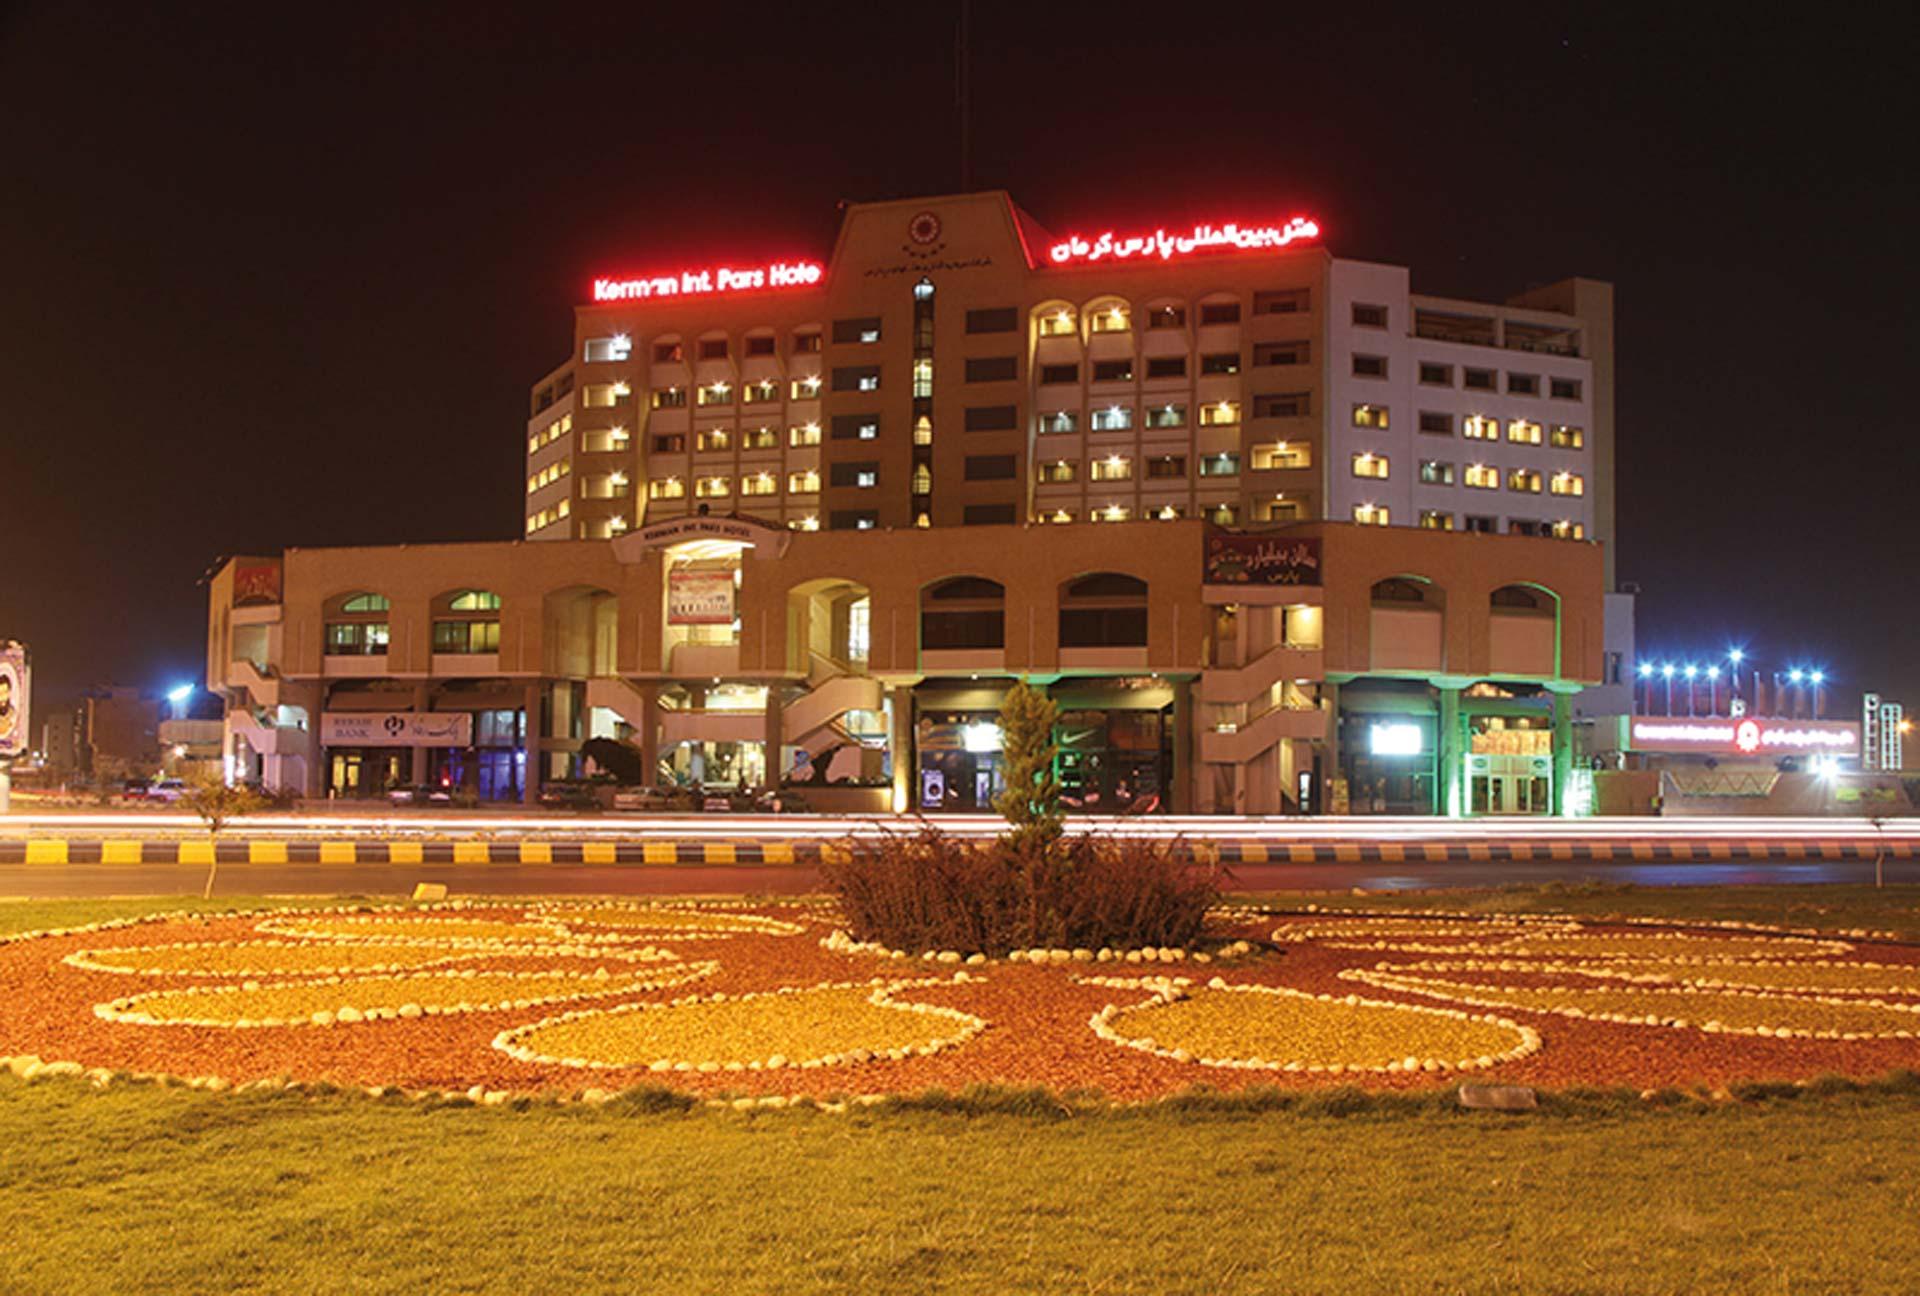 Kerman Pars Hotel Hotel bei Nacht